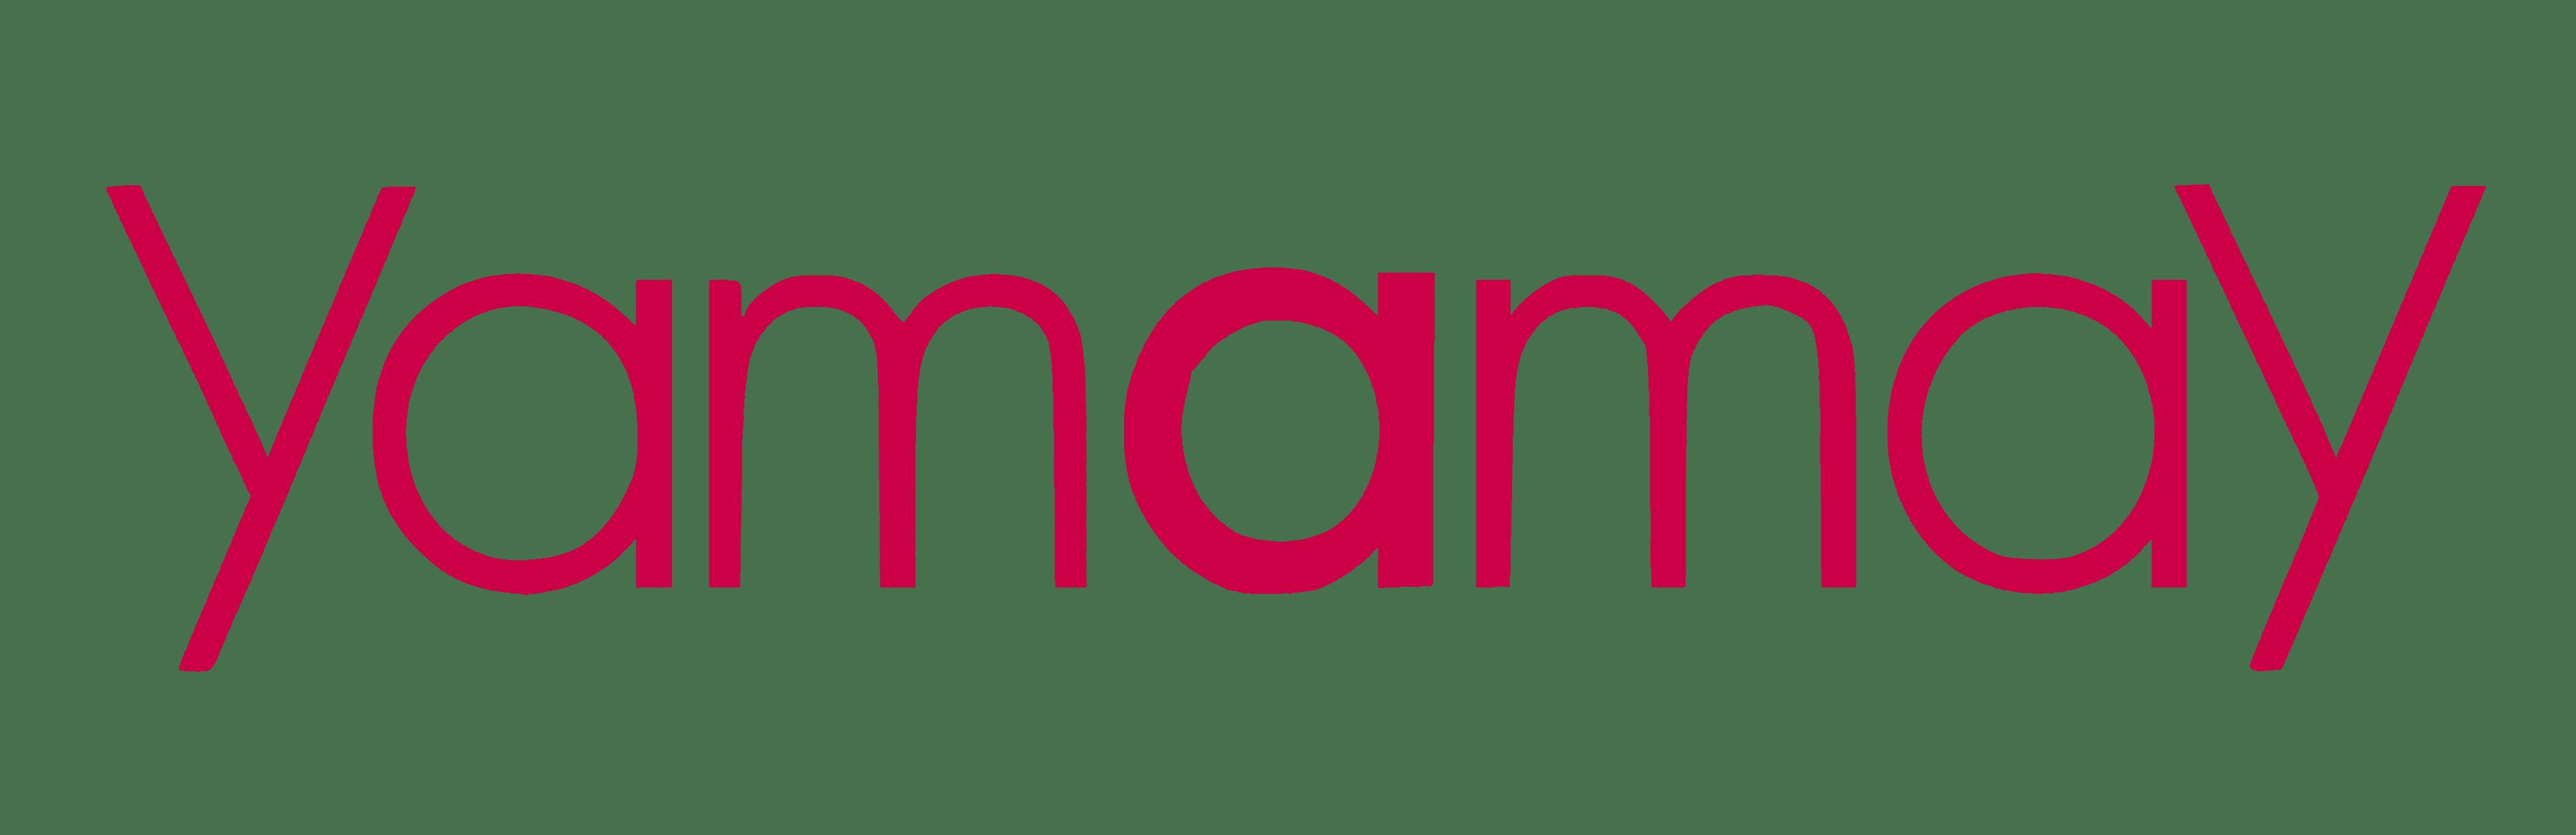 Yamamay_logo